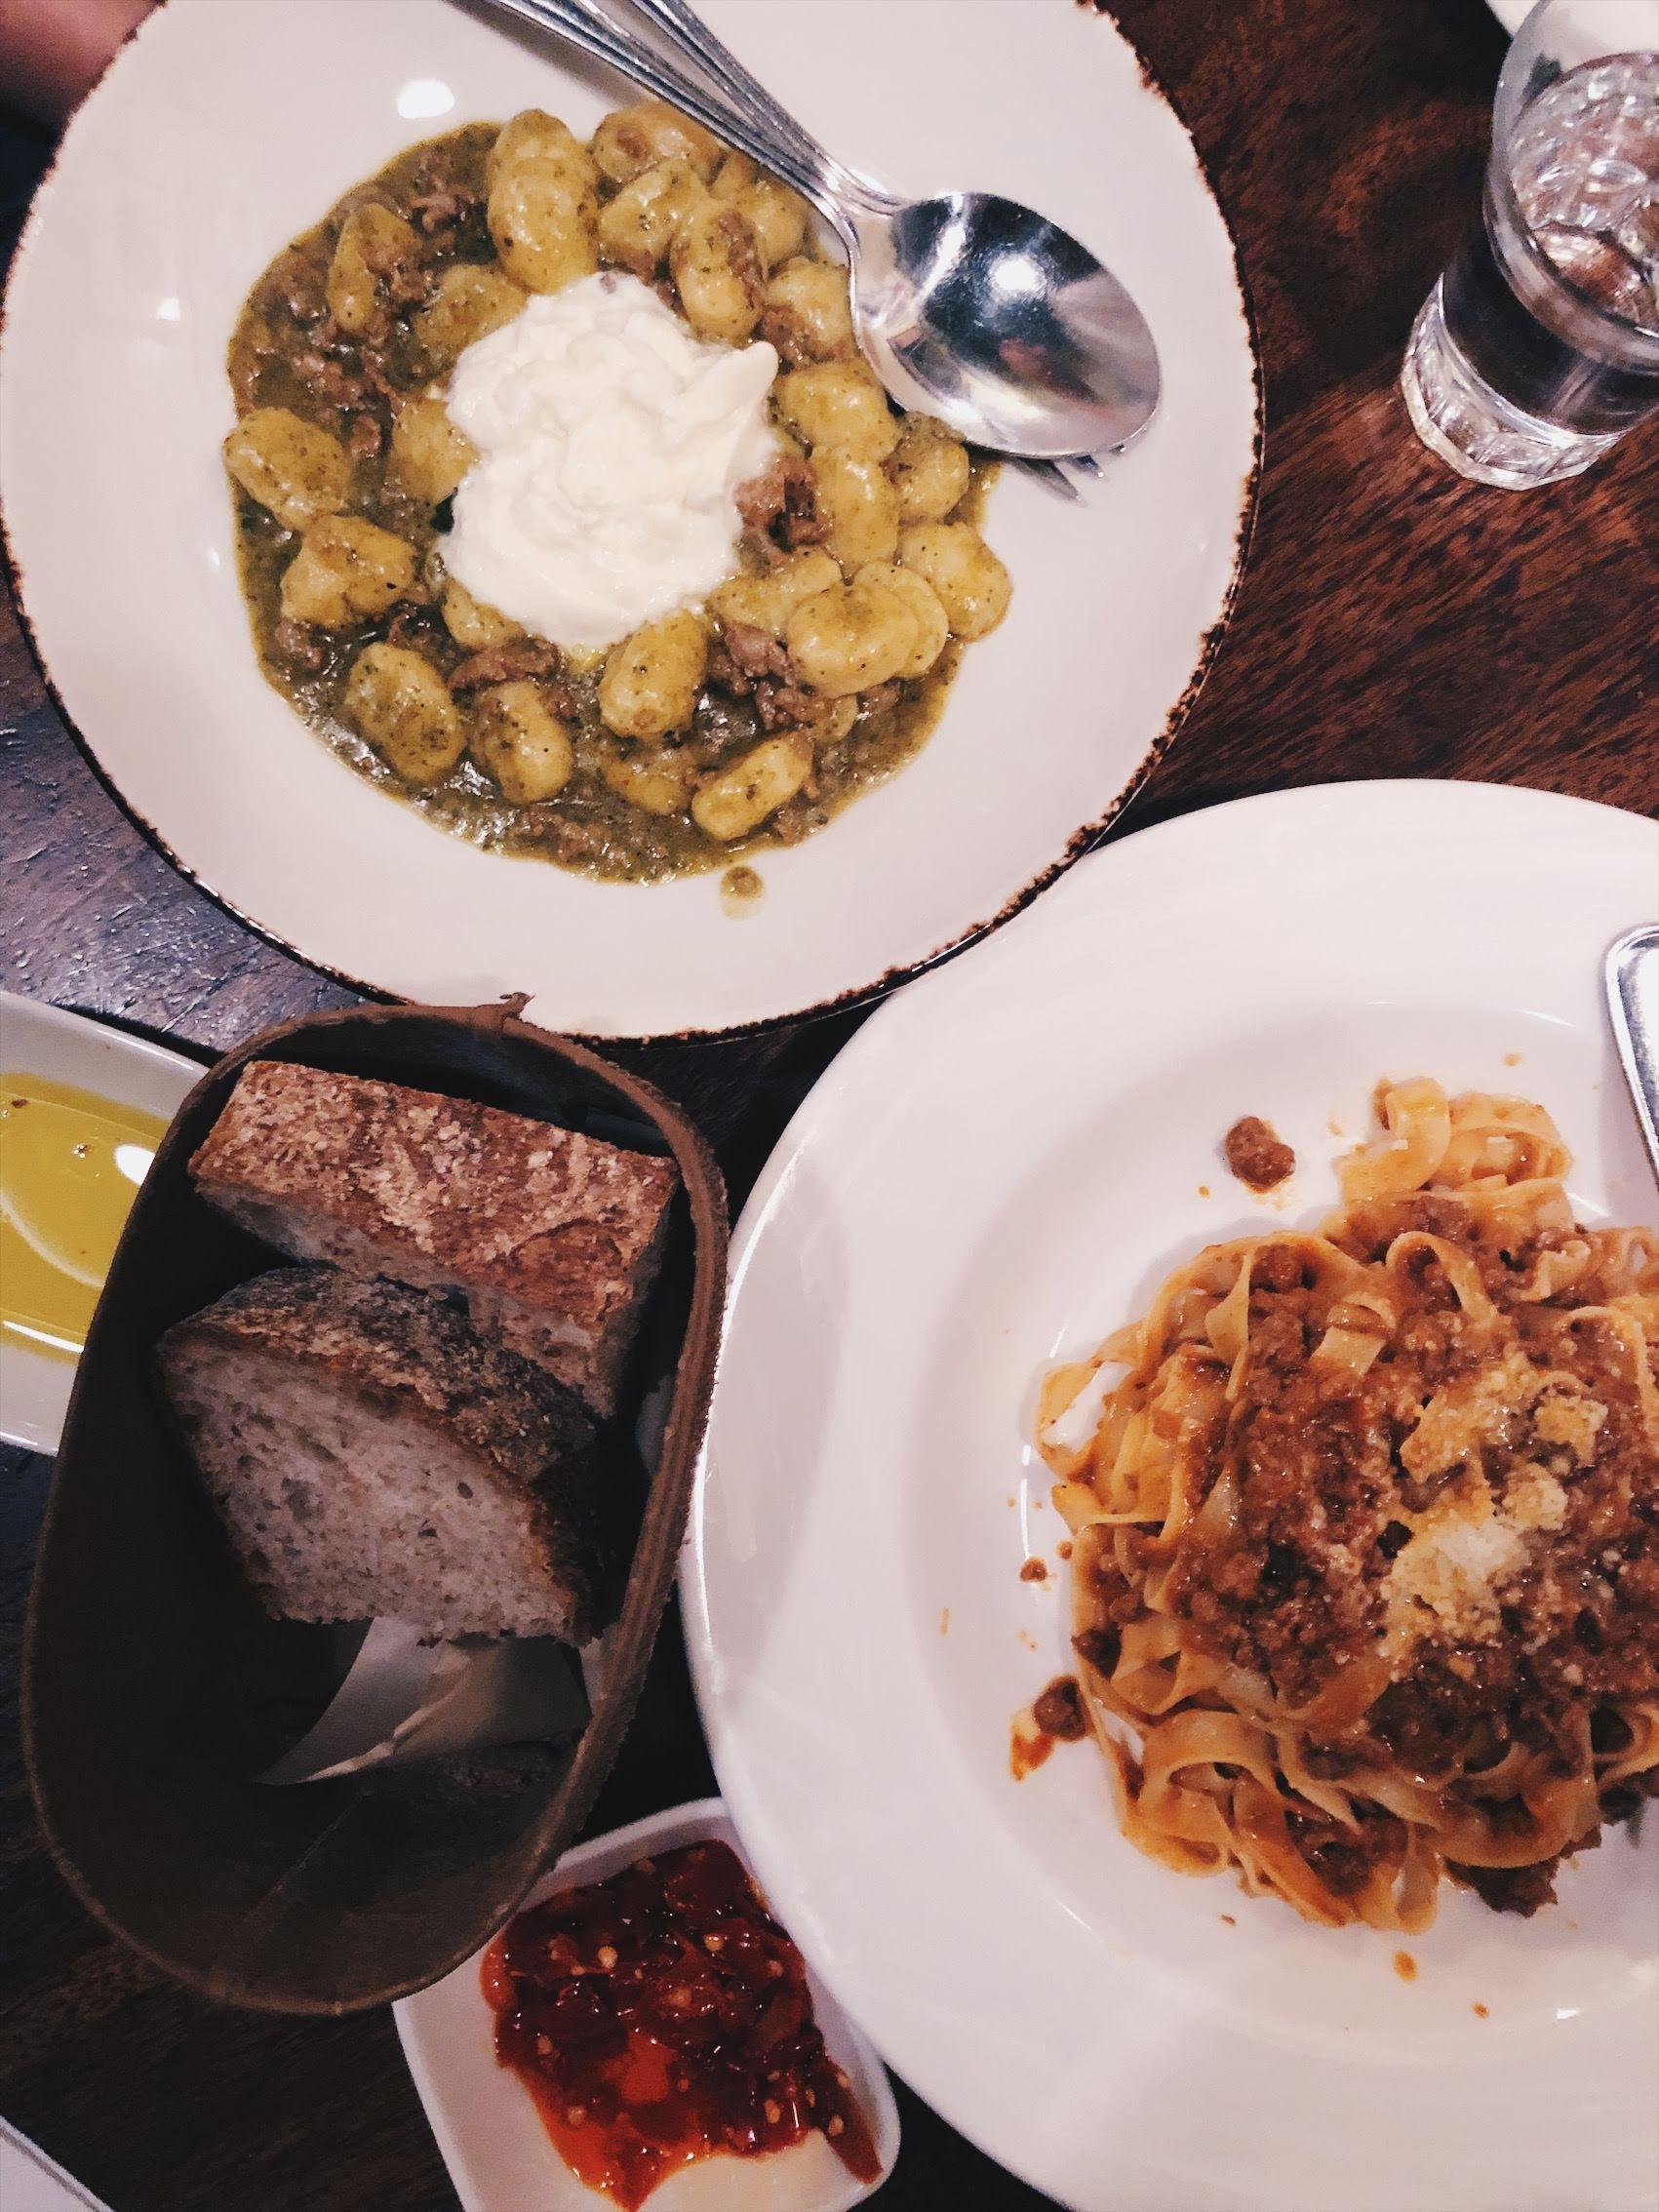 Tagliatelle, gnocchi, and fresh bread